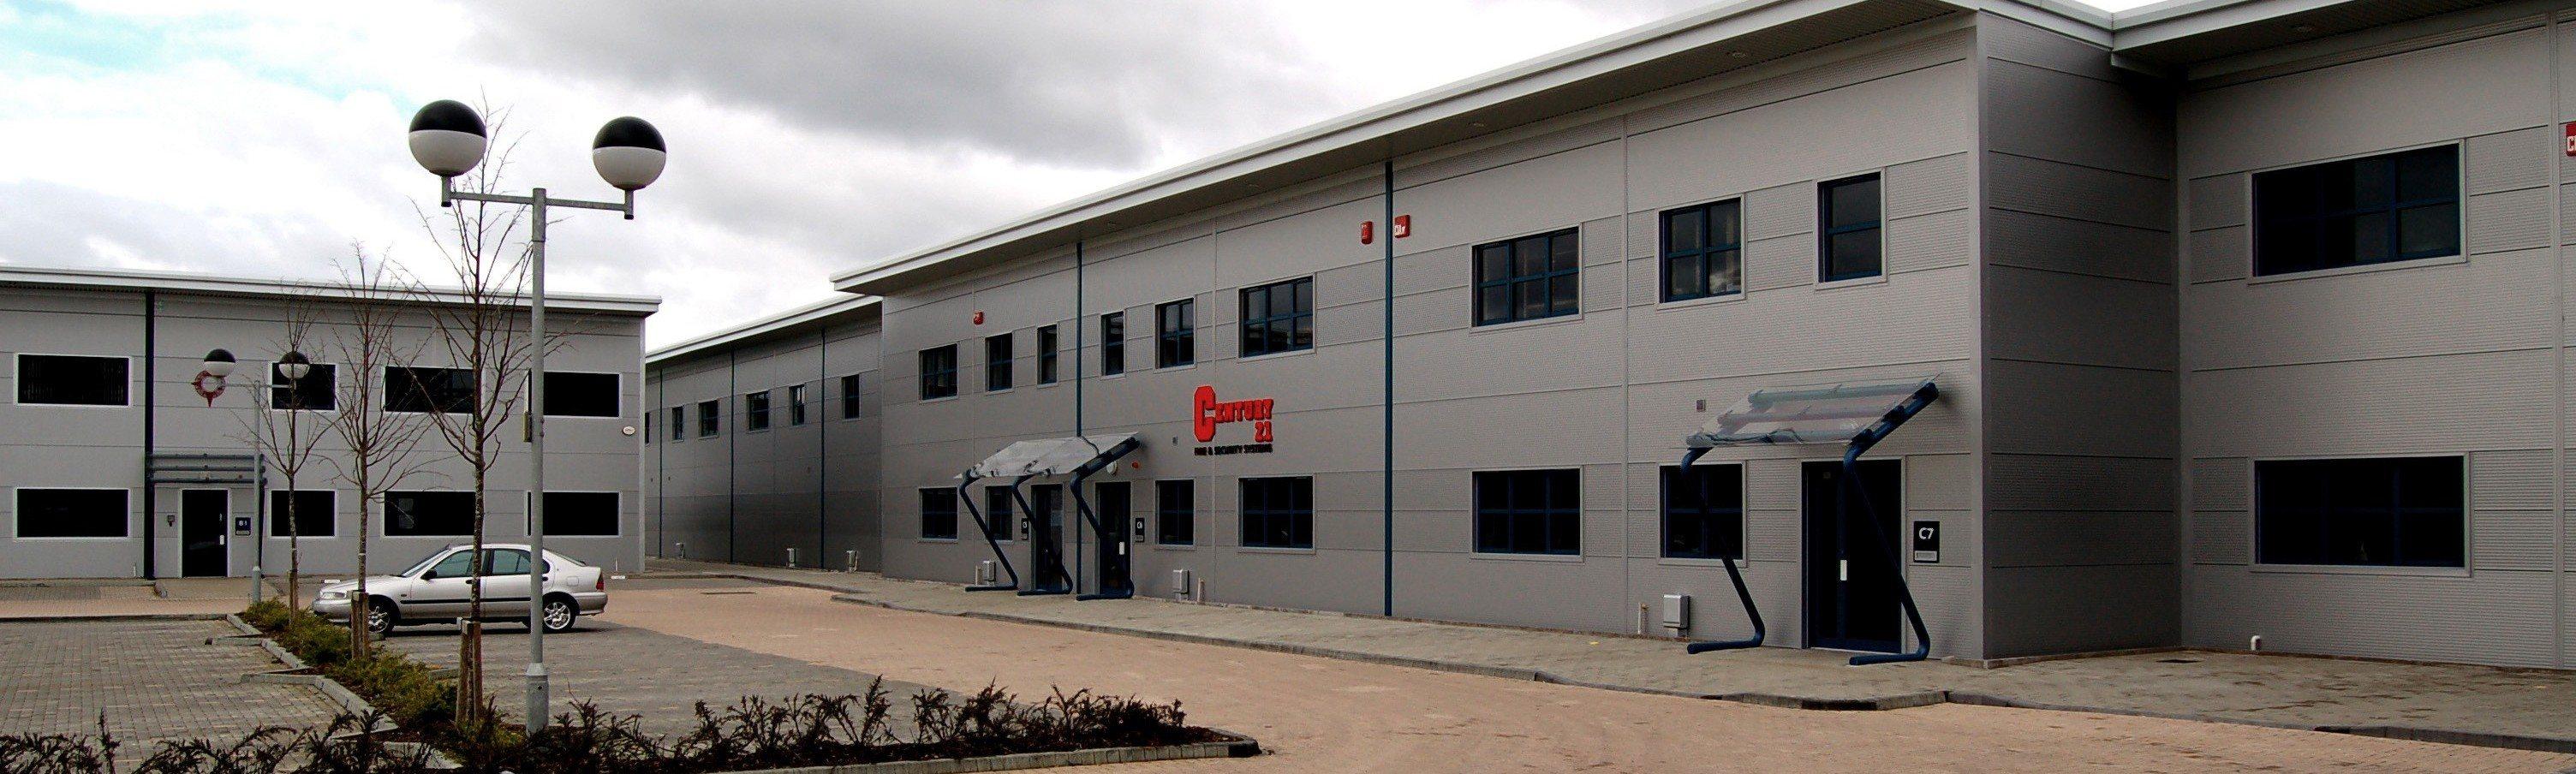 Endeavour Business Park image